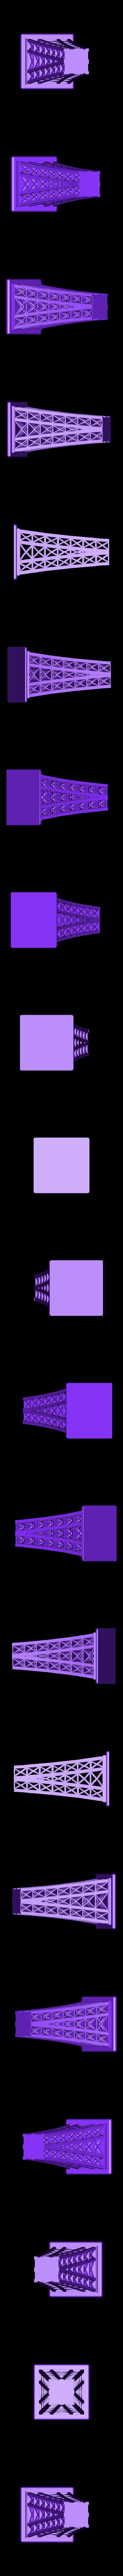 Eiff_3.stl Télécharger fichier STL gratuit Eiffel Tower Model • Objet pour imprimante 3D, Roger